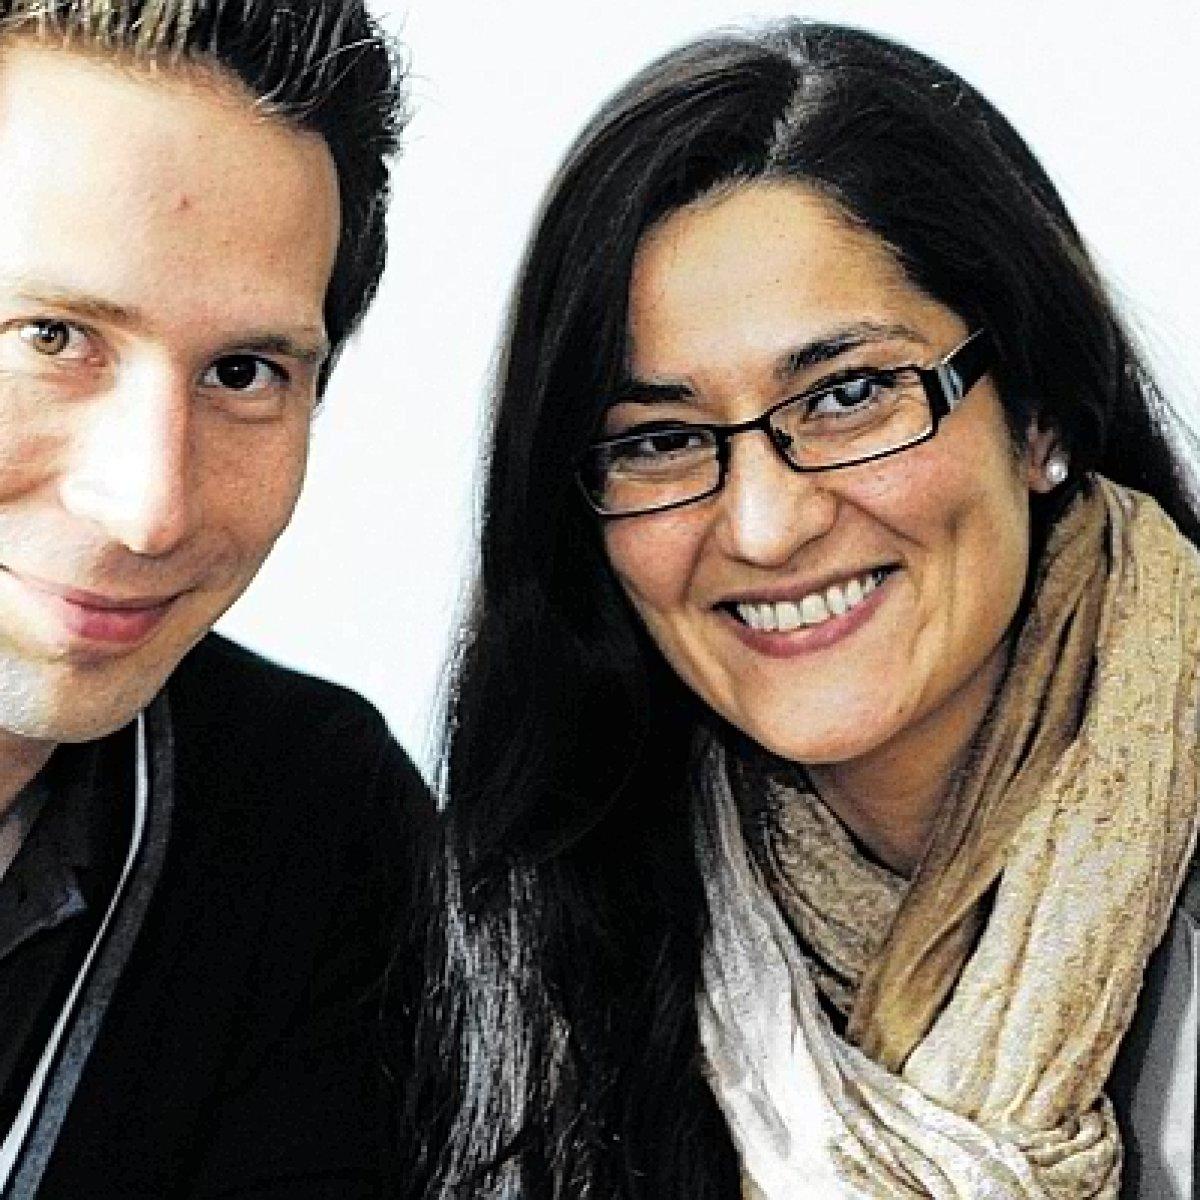 Muslima heiraten deutsche (Deutsch) Fatwa